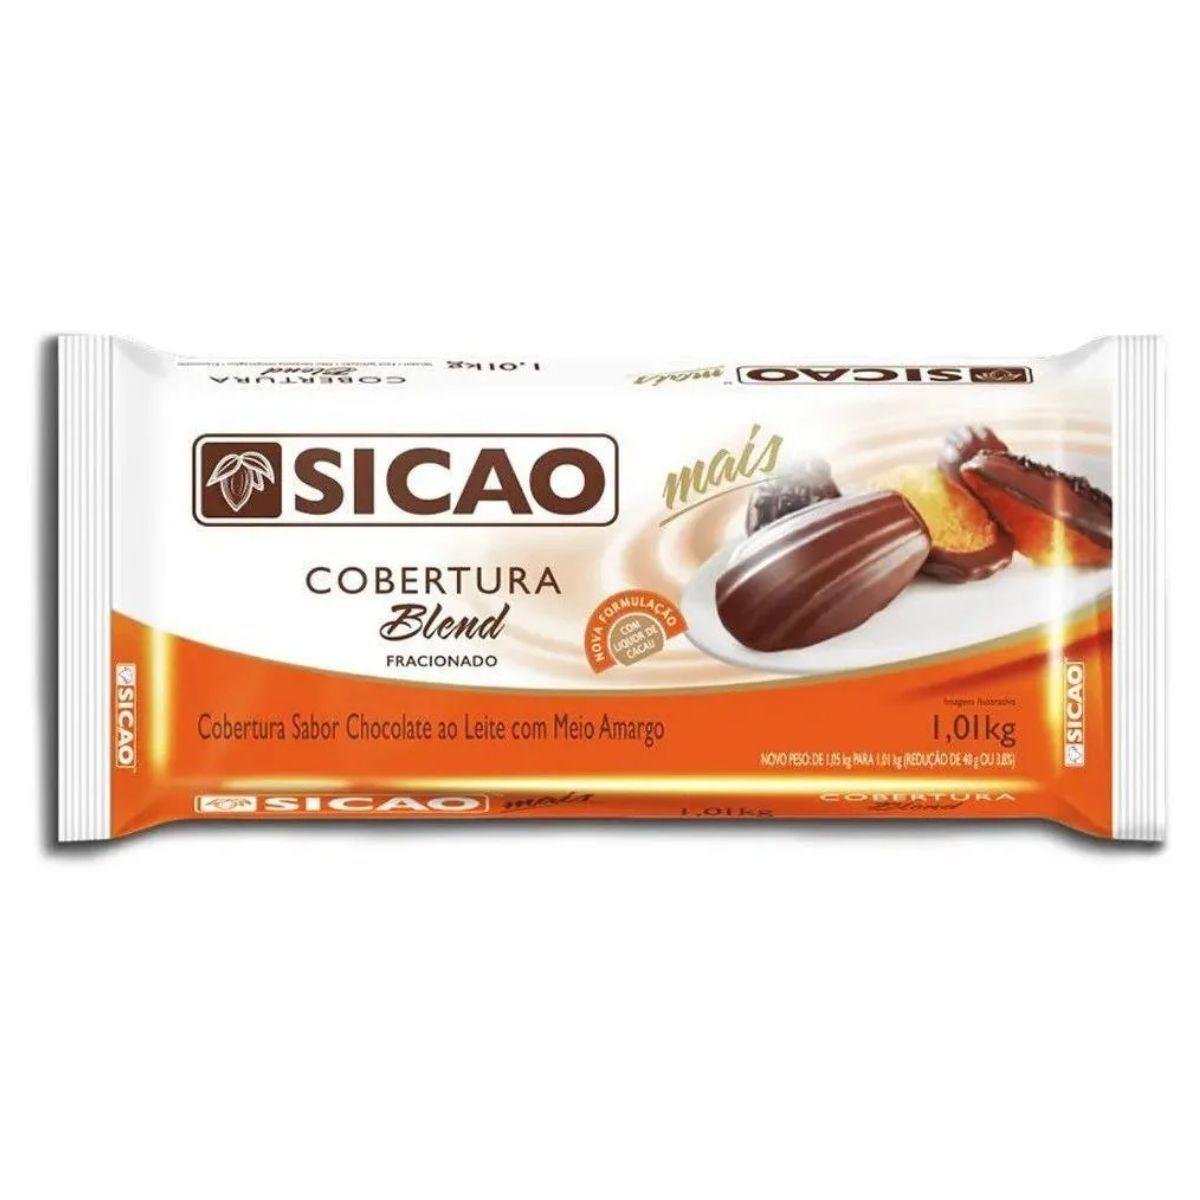 Barra Cobertura Fracionada Chocolate Blend Sicao Mais 1,01kg